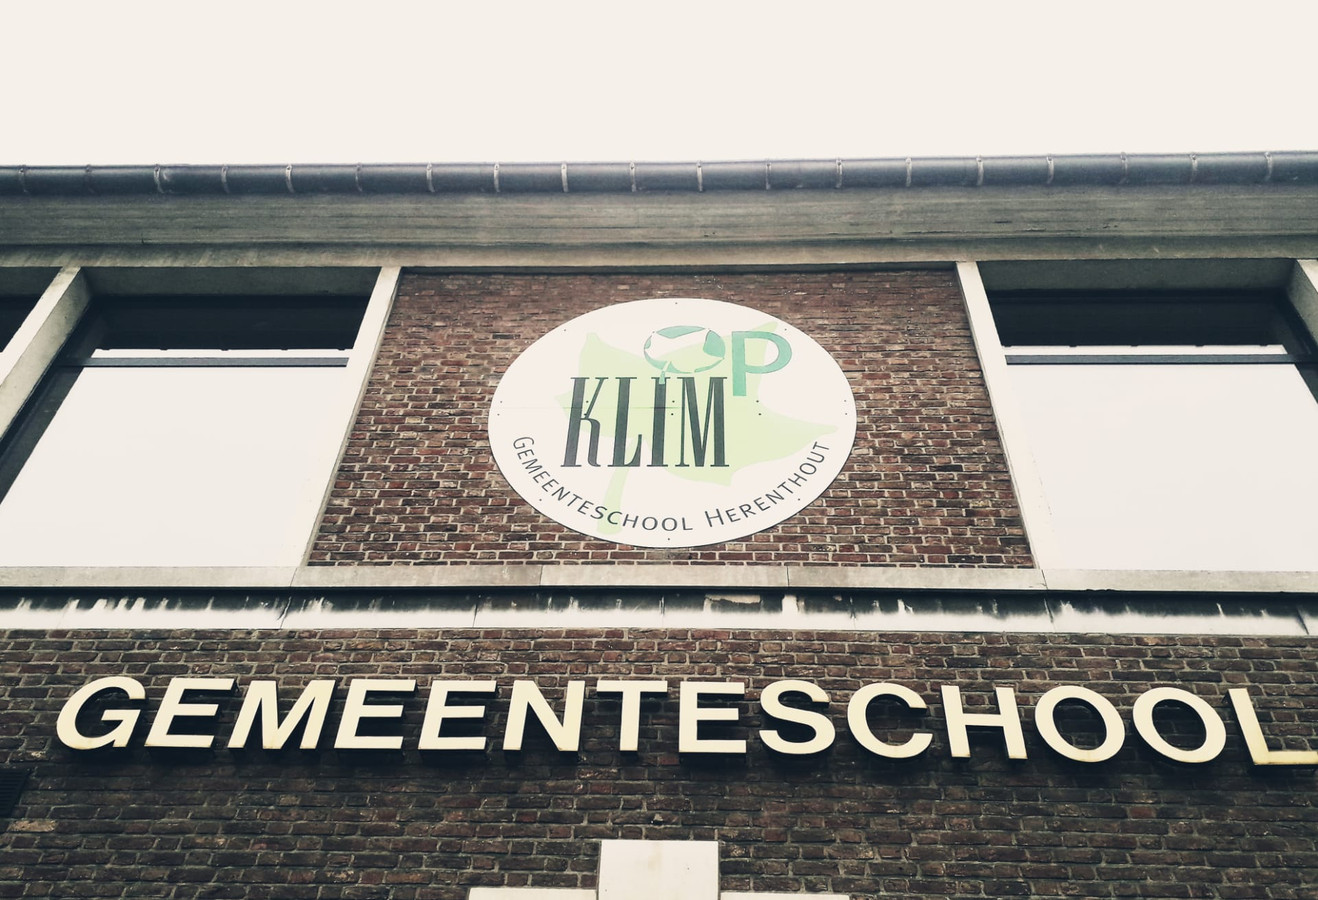 Gemeenteschool Klim-Op krijgt binnenkort nieuw IT-materiaal